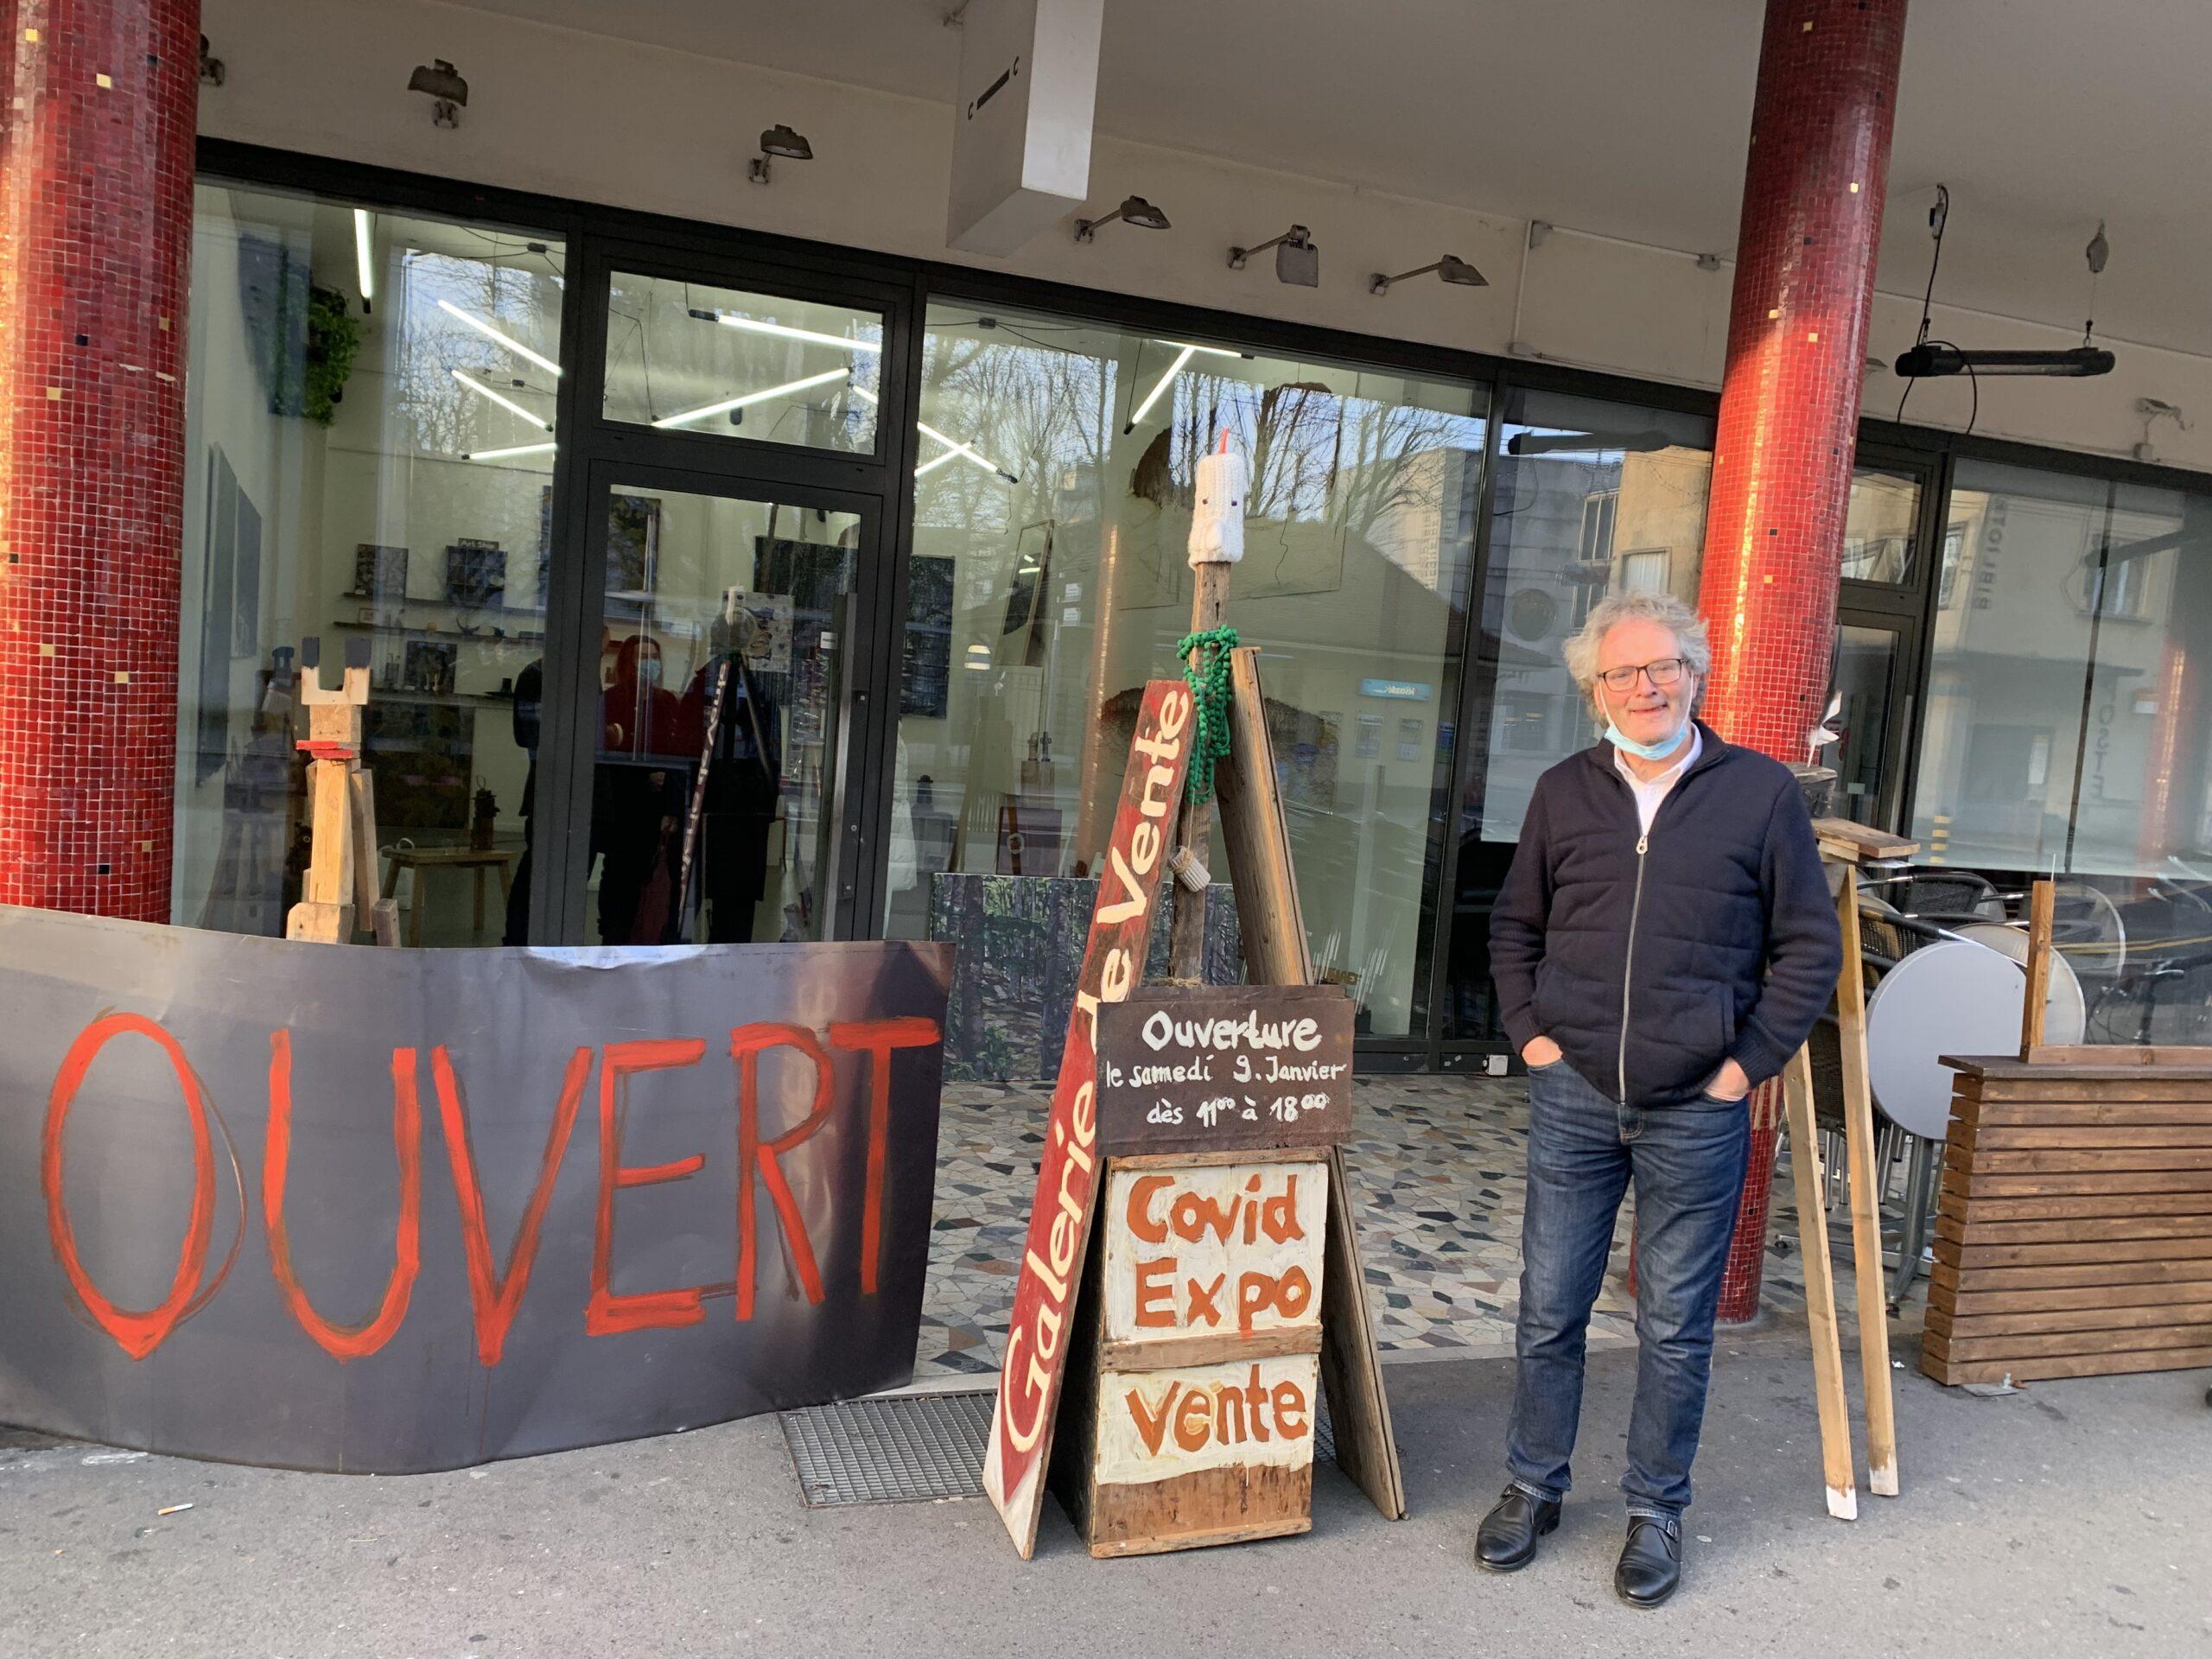 فنانان يخترقان جدار كورونا.. ويحولان مطعماً الى مكان لبيع لوحاتهم